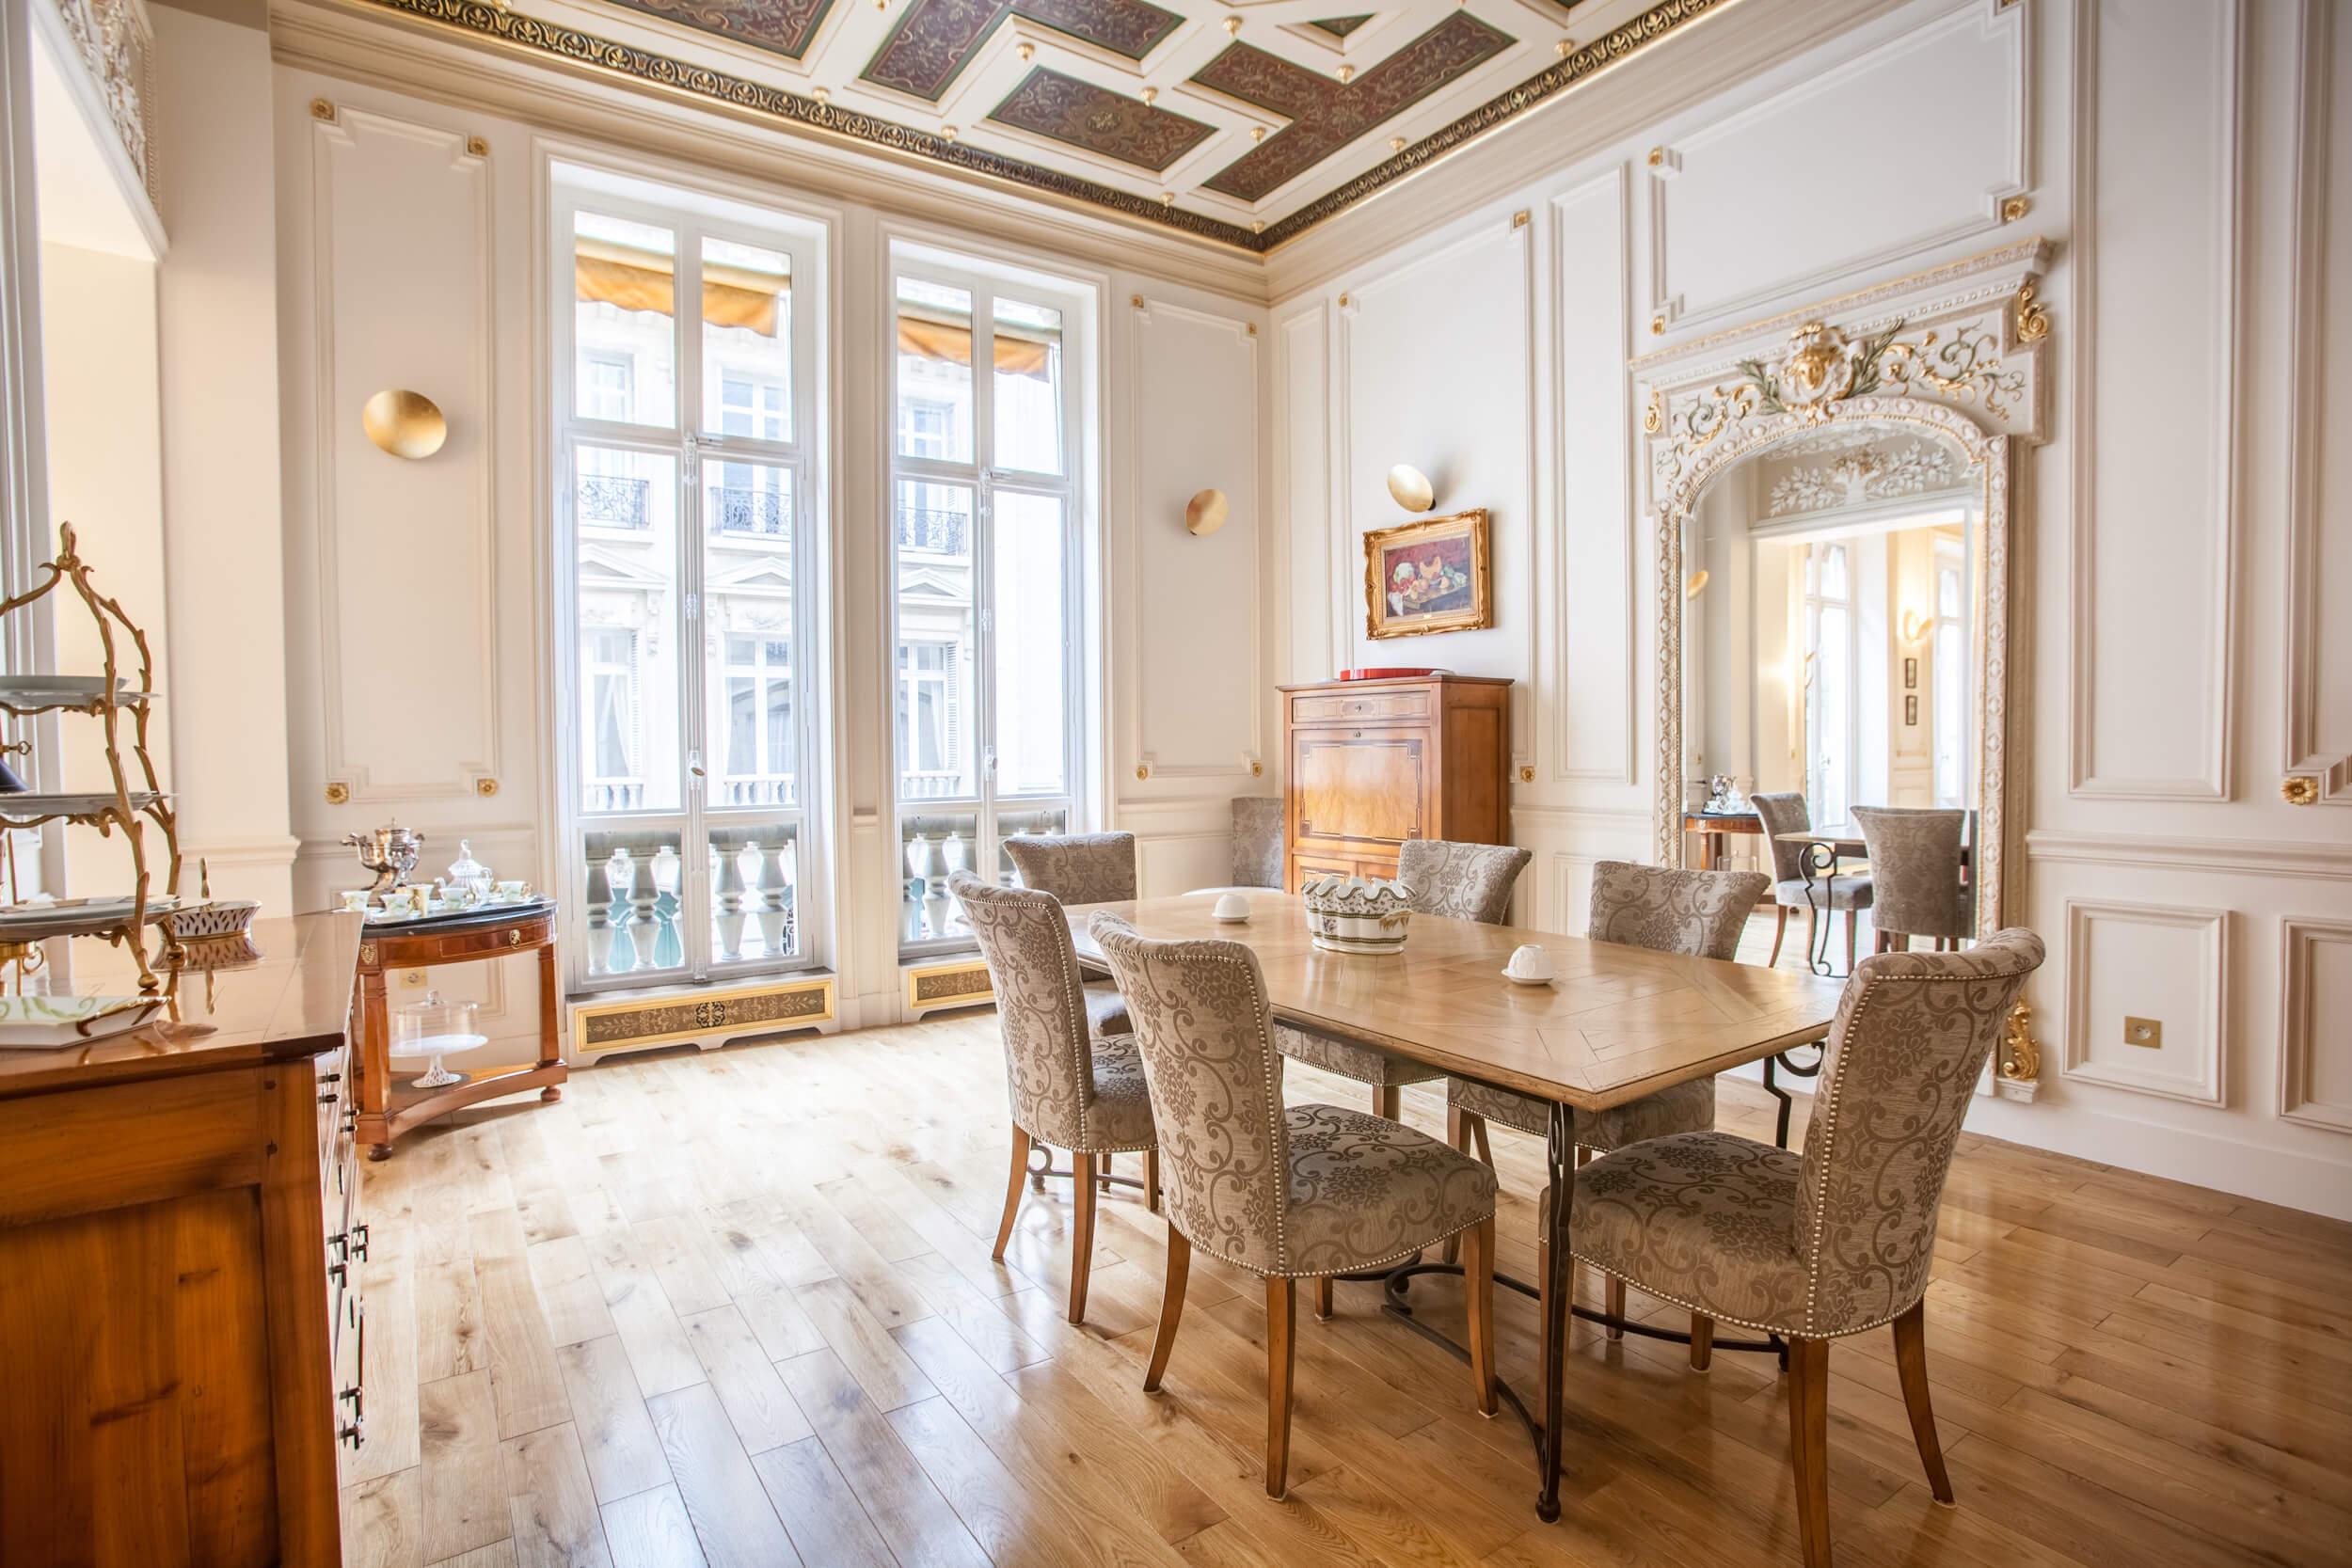 Salle à manger de l'appartement du huitième arrondissement de Paris, décoration dans les tons blancs et dorés, aménagé par Heliot